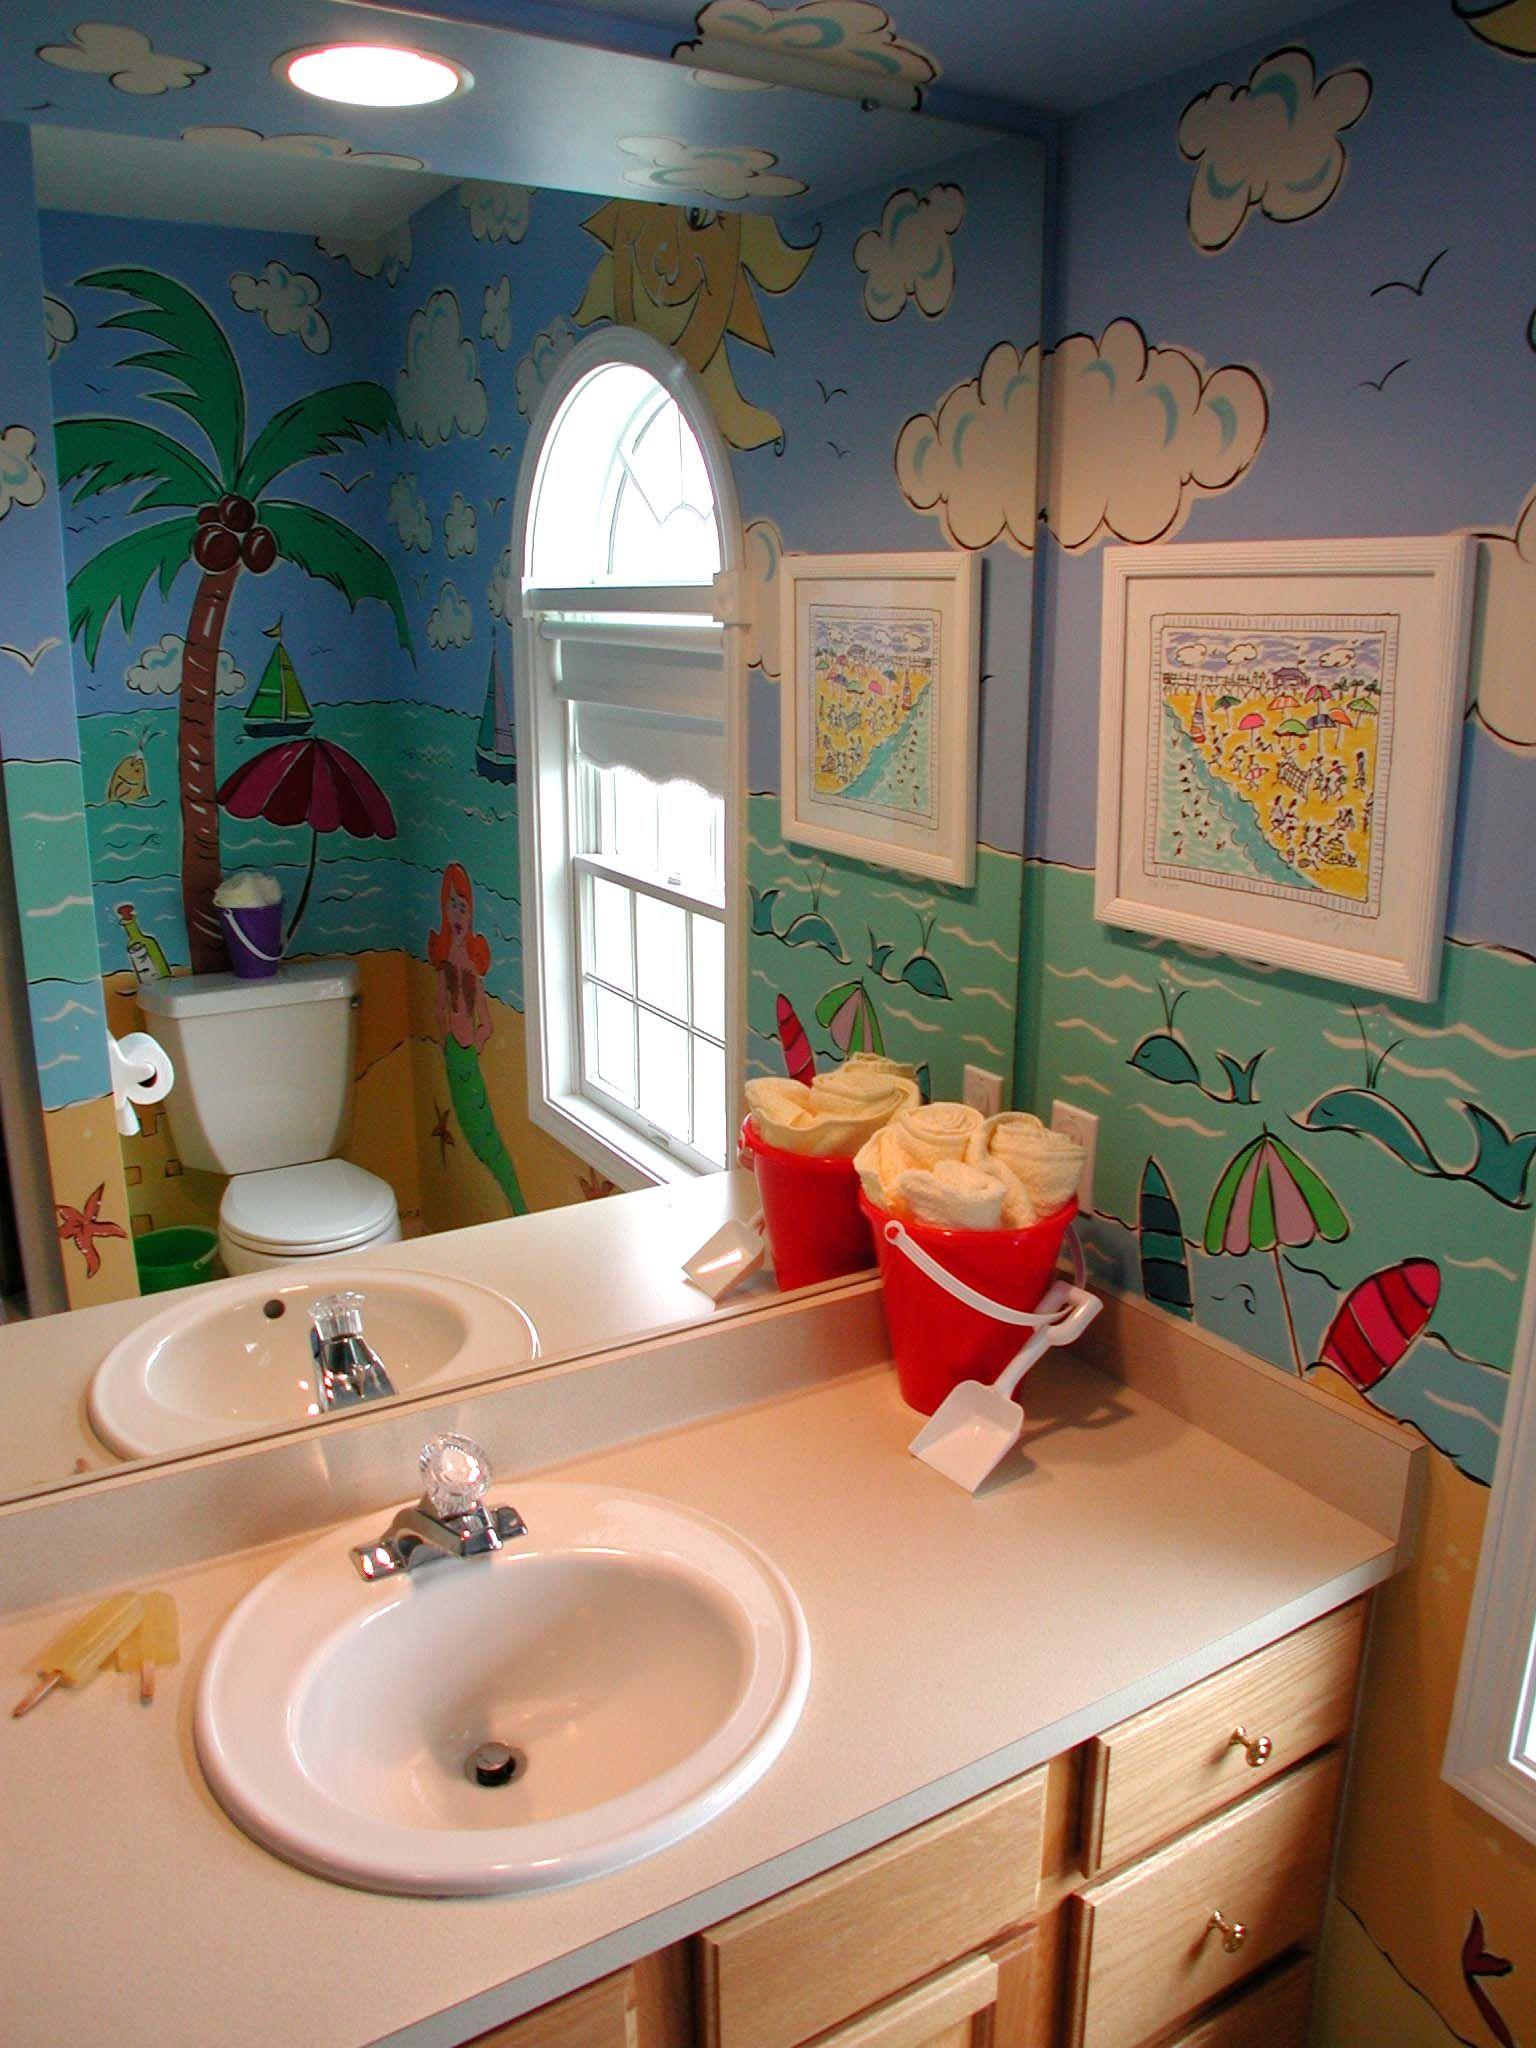 Beach Themed Mural In A Kids Bathroom